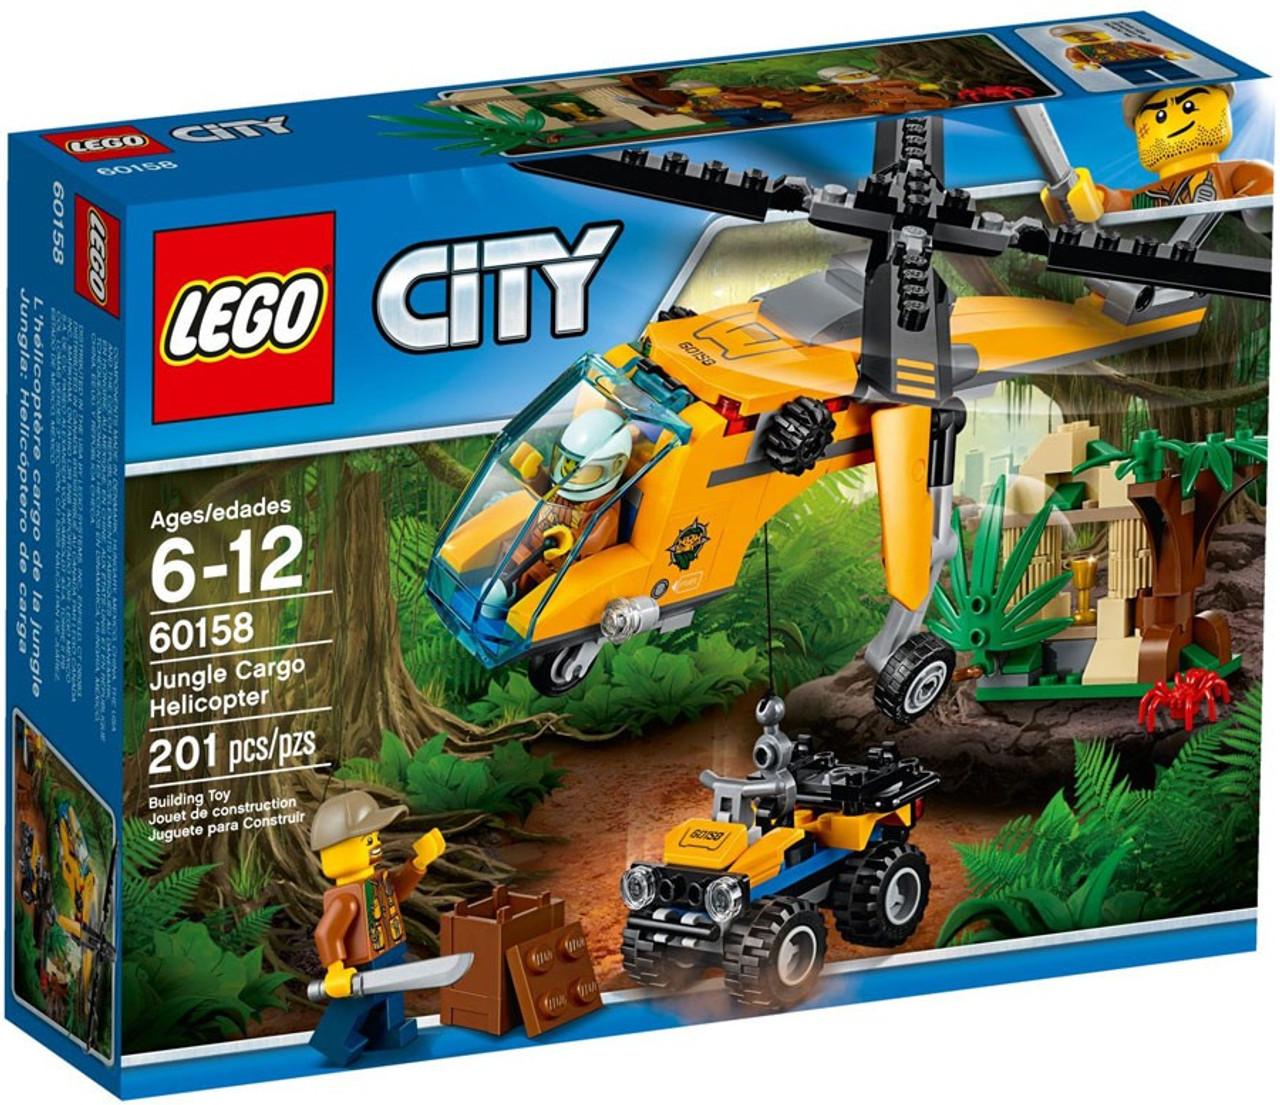 Lego City Jungle Cargo Helicopter Set 60158 Toywiz